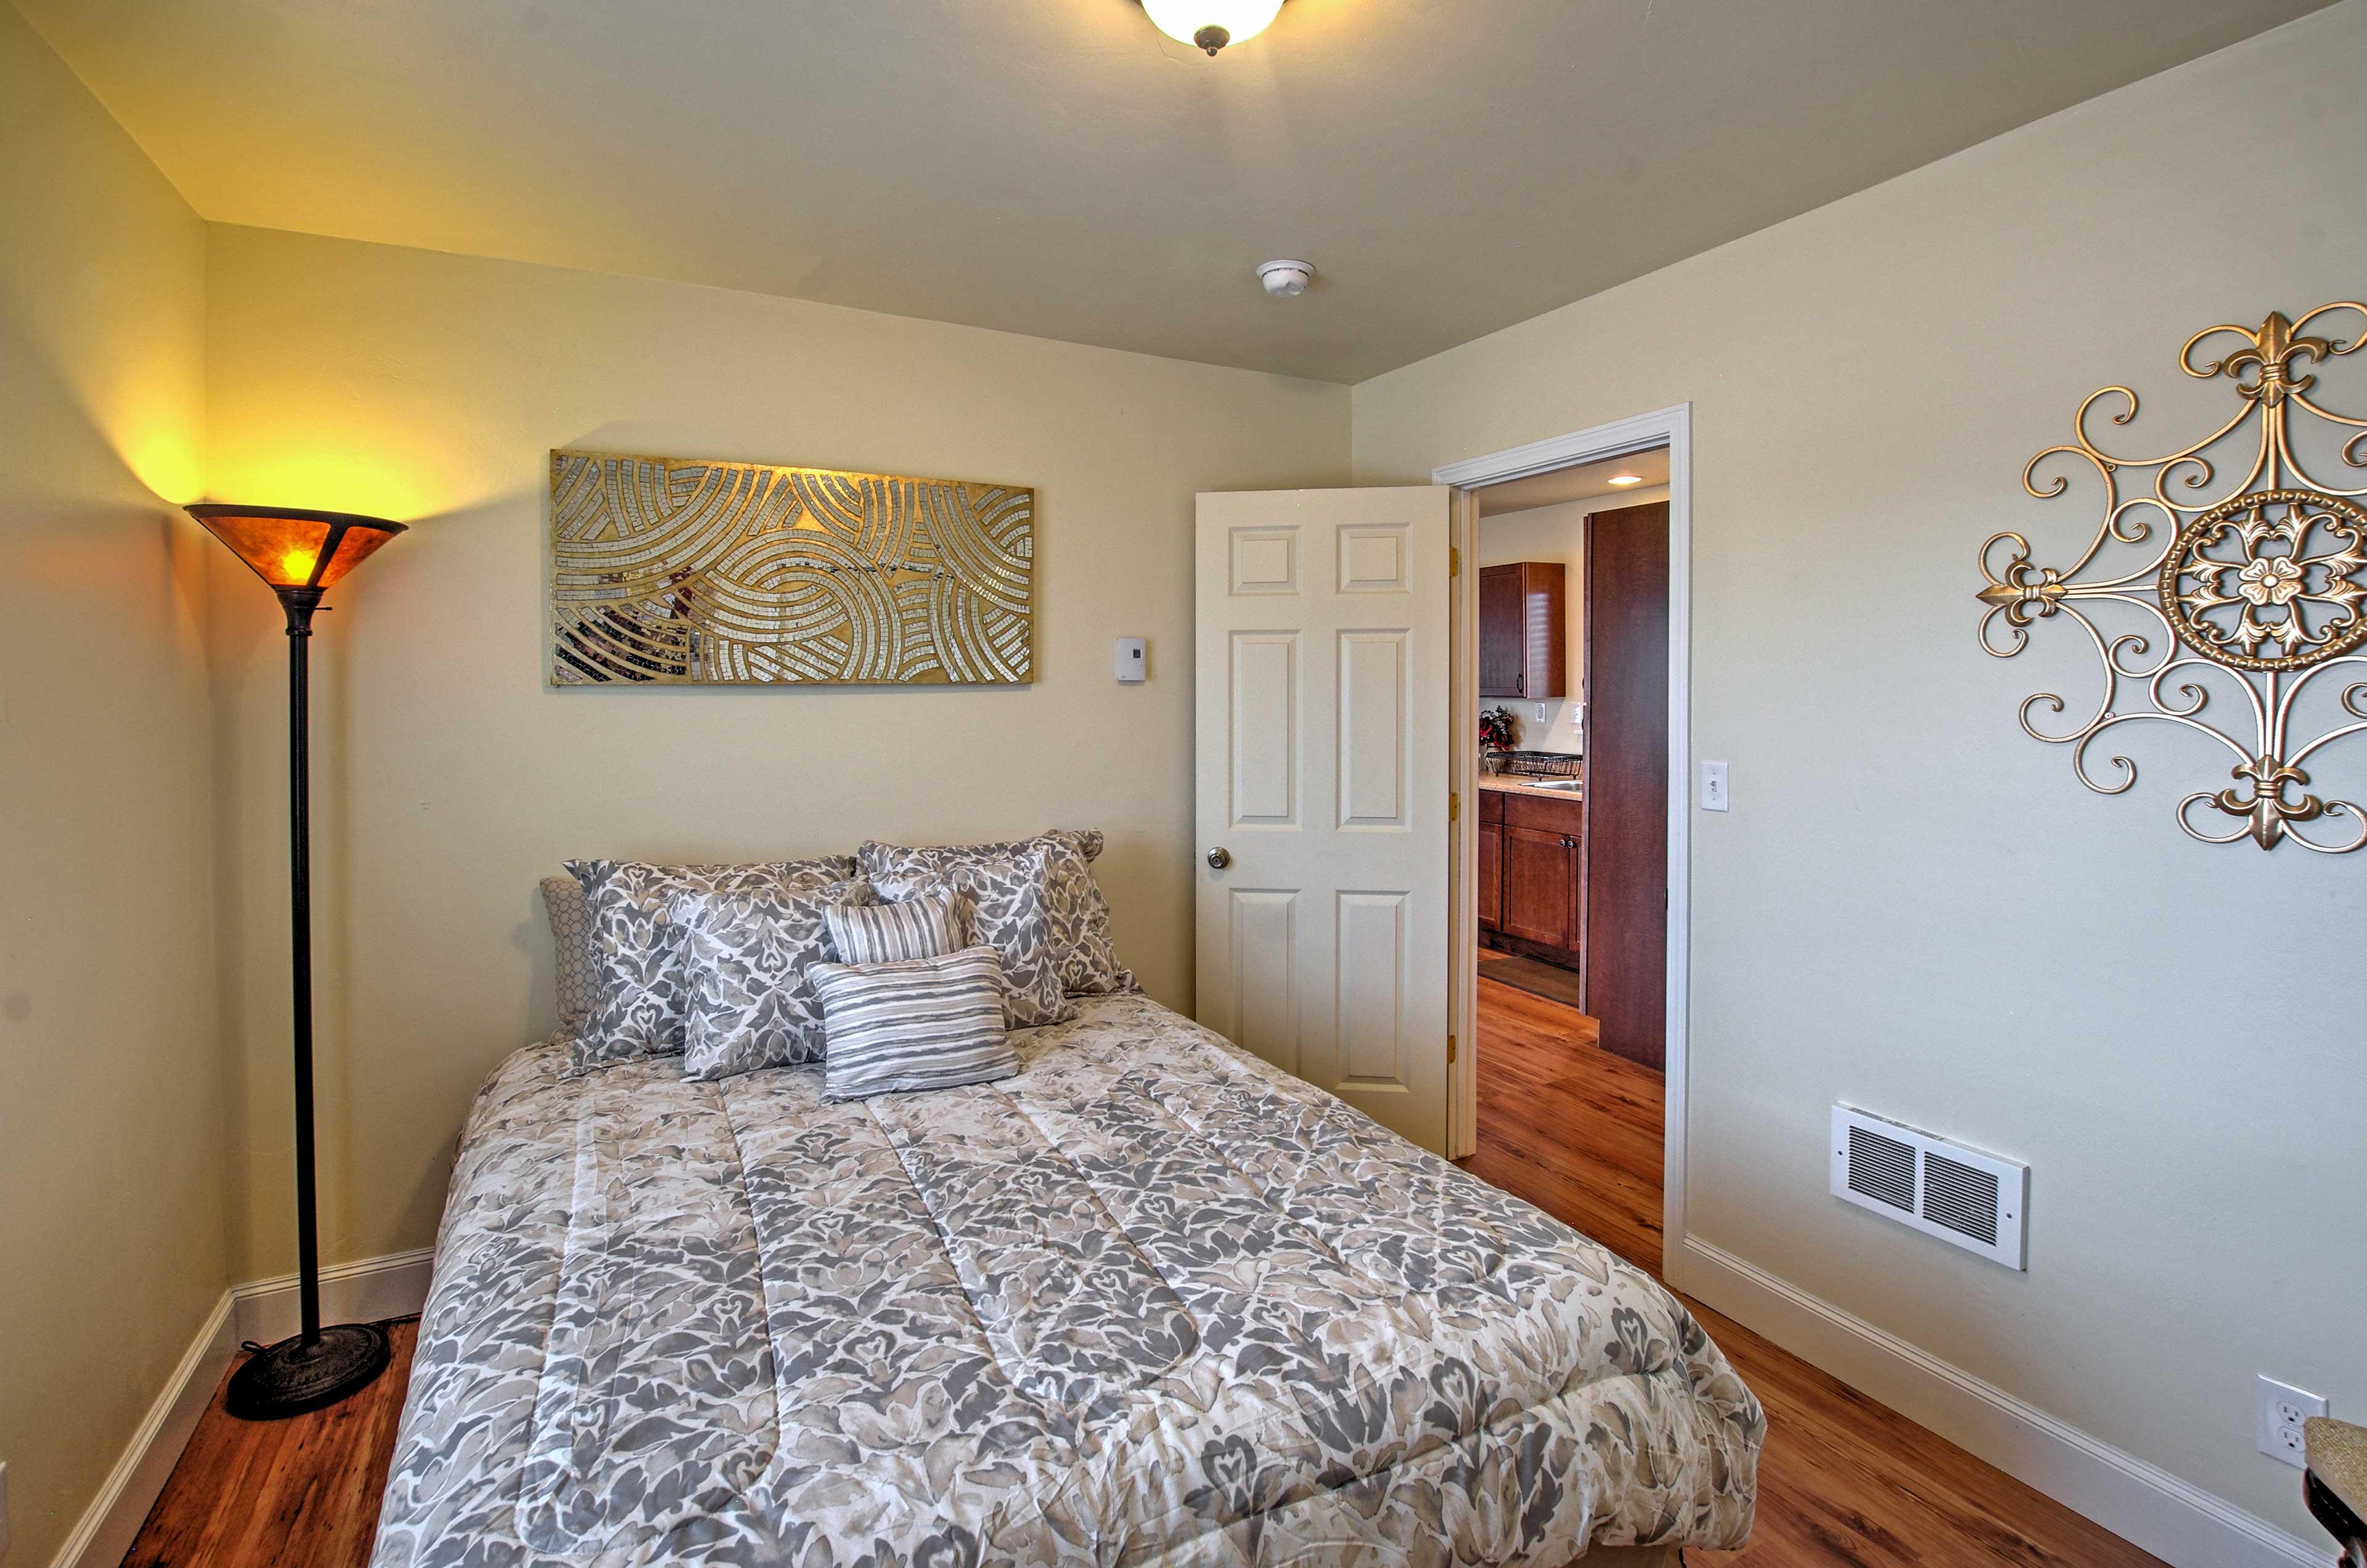 Bedroom 1 hosts a queen bed.